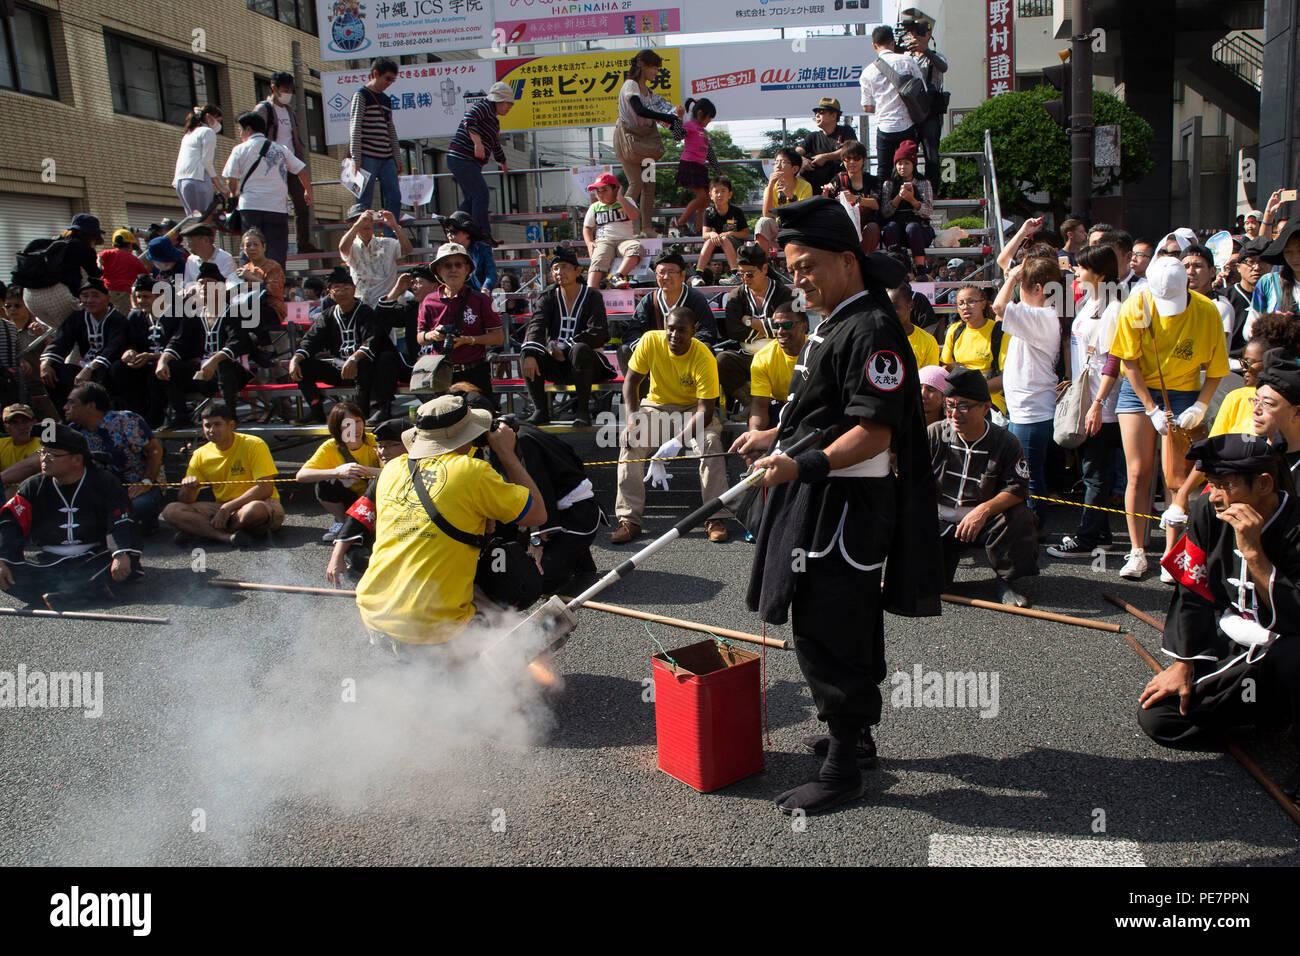 Un residente de Okinawa balancea un polo con petardos durante el gigante de Naha Tug-of-War Festival el 11 de octubre en Naha, Okinawa, Japón. El resonante y el ruido de los petardos acentuó las diferentes demostraciones de karate y bailes de bandera. El objetivo del festival es promover el entendimiento y la preservación de la cultura de Okinawa. Imagen De Stock